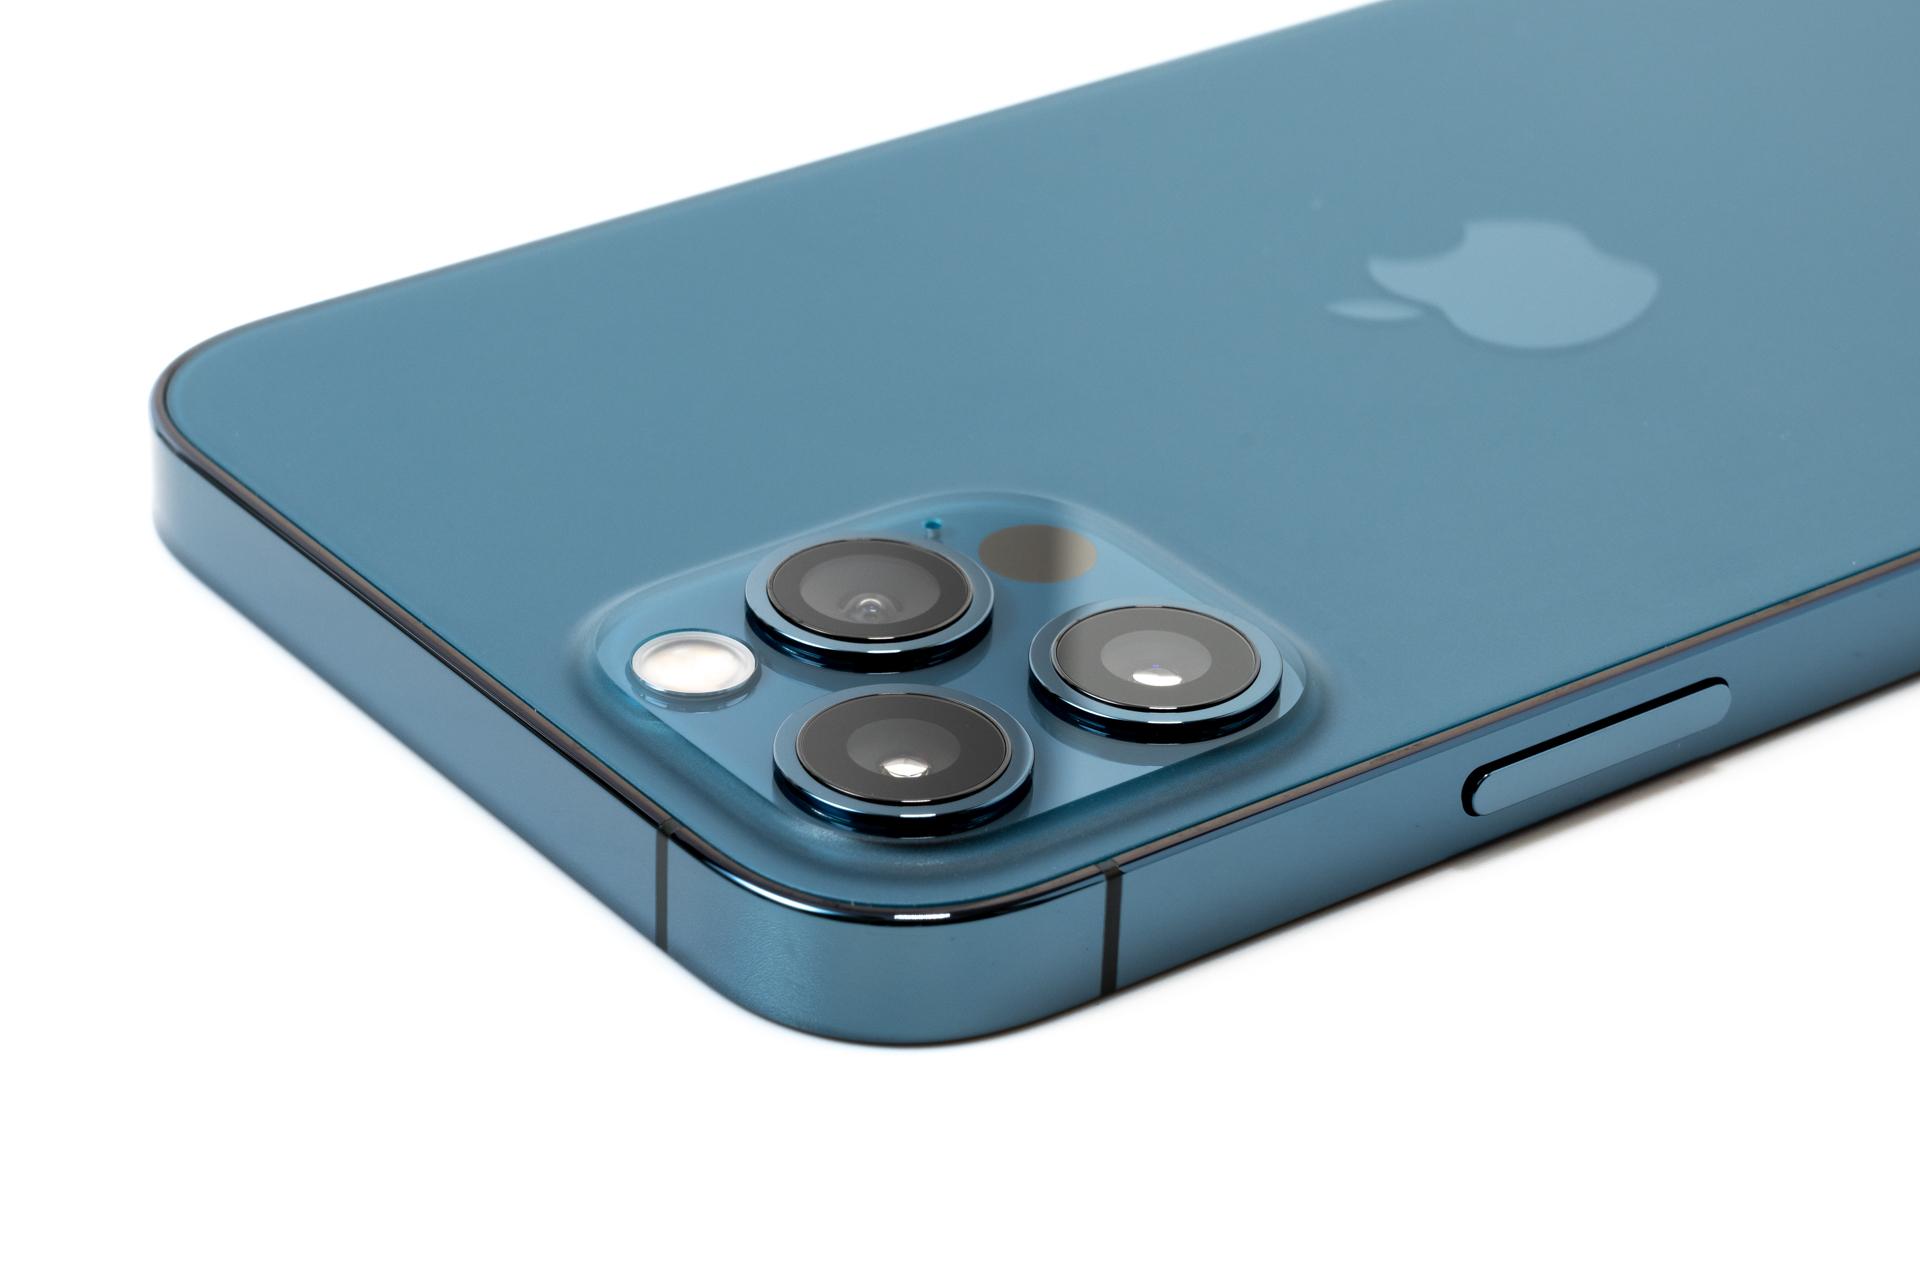 iPhone 12 Pro パシフィックブルー のカメラ部分